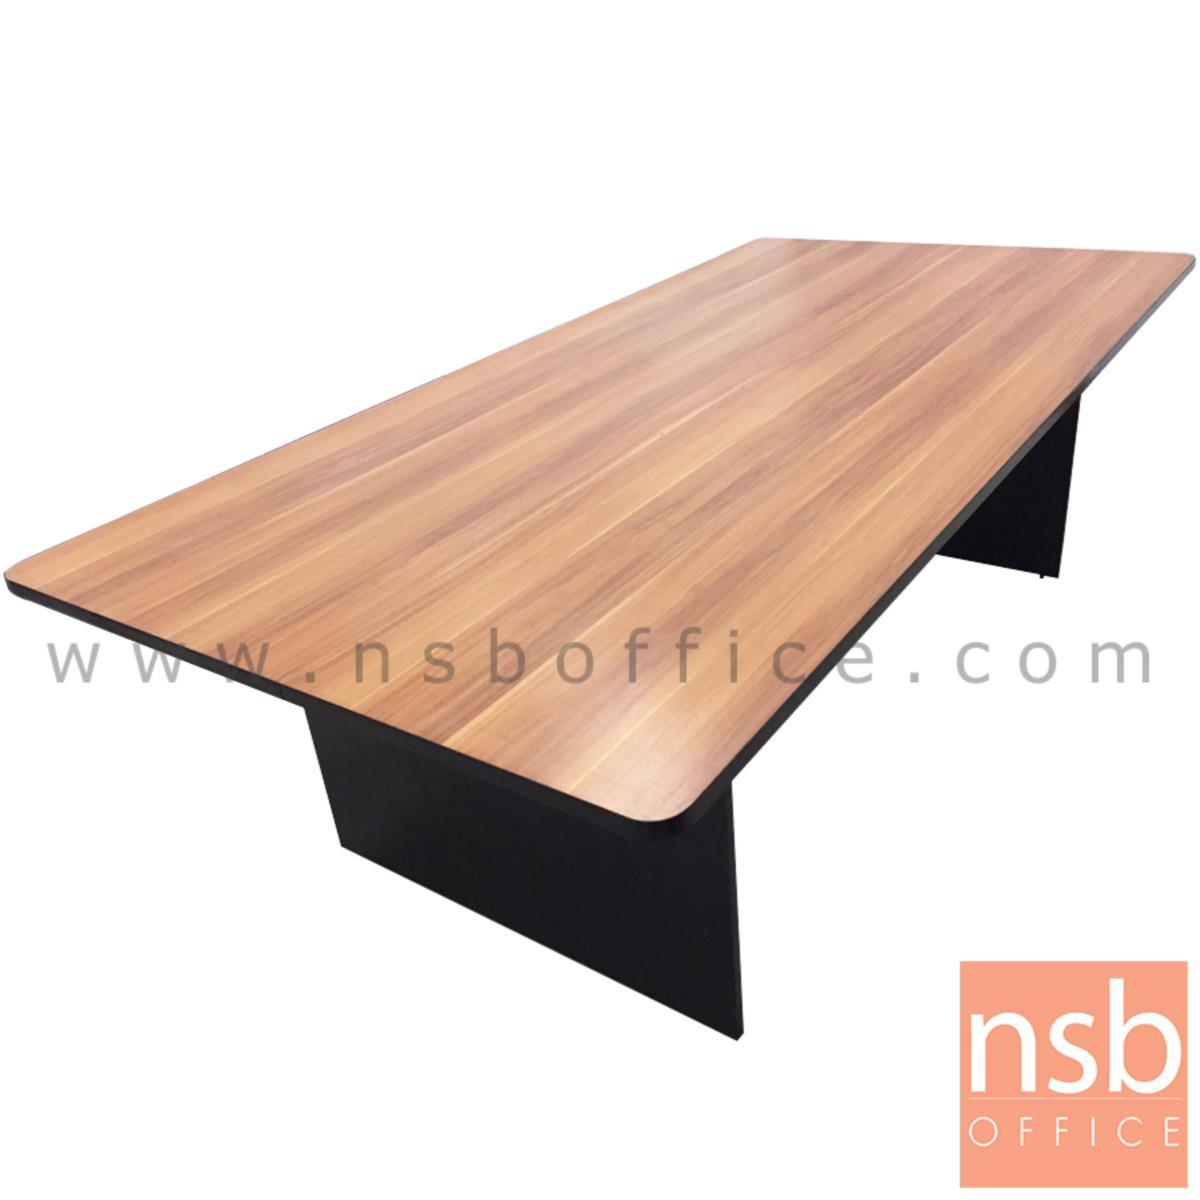 A05A219:โต๊ะประชุมทรงสี่เหลี่ยมมุมมน รุ่น Morocco (โมรอคโค)  เมลามีนล้วน